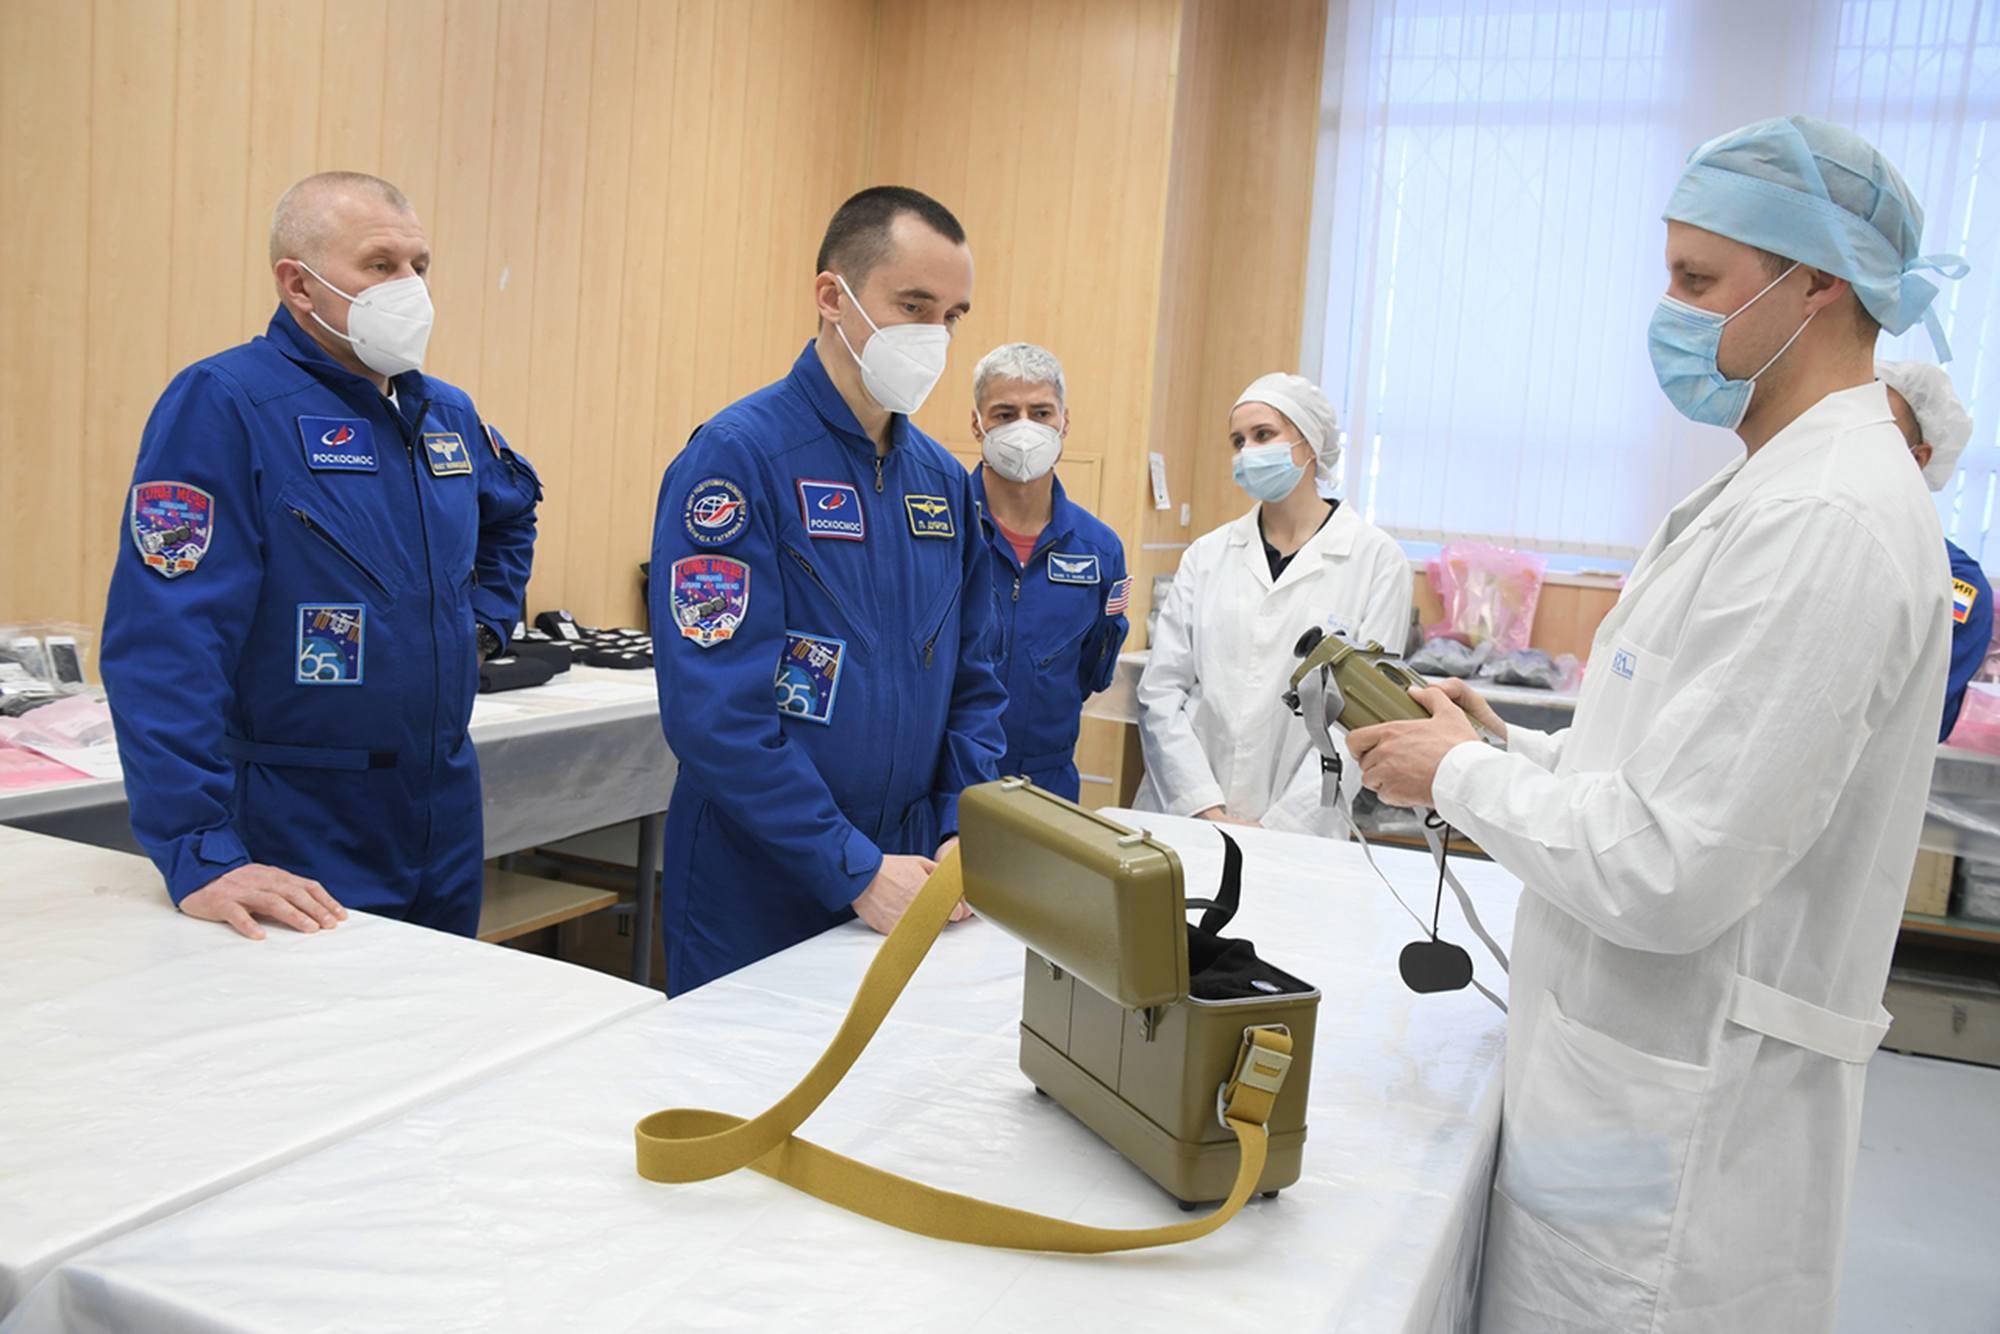 L'équipage principal se voit aussi présenter le viseur binoculaire 5sorte de jumelles) utiliser en cas de défaillance du système vidéo lors de l'arrimage du Soyouz à l'ISS (l'ingénieur de bord, placé dans le compartiment orbital, guide, avec ce système, le commandant de bord dans ses actions).